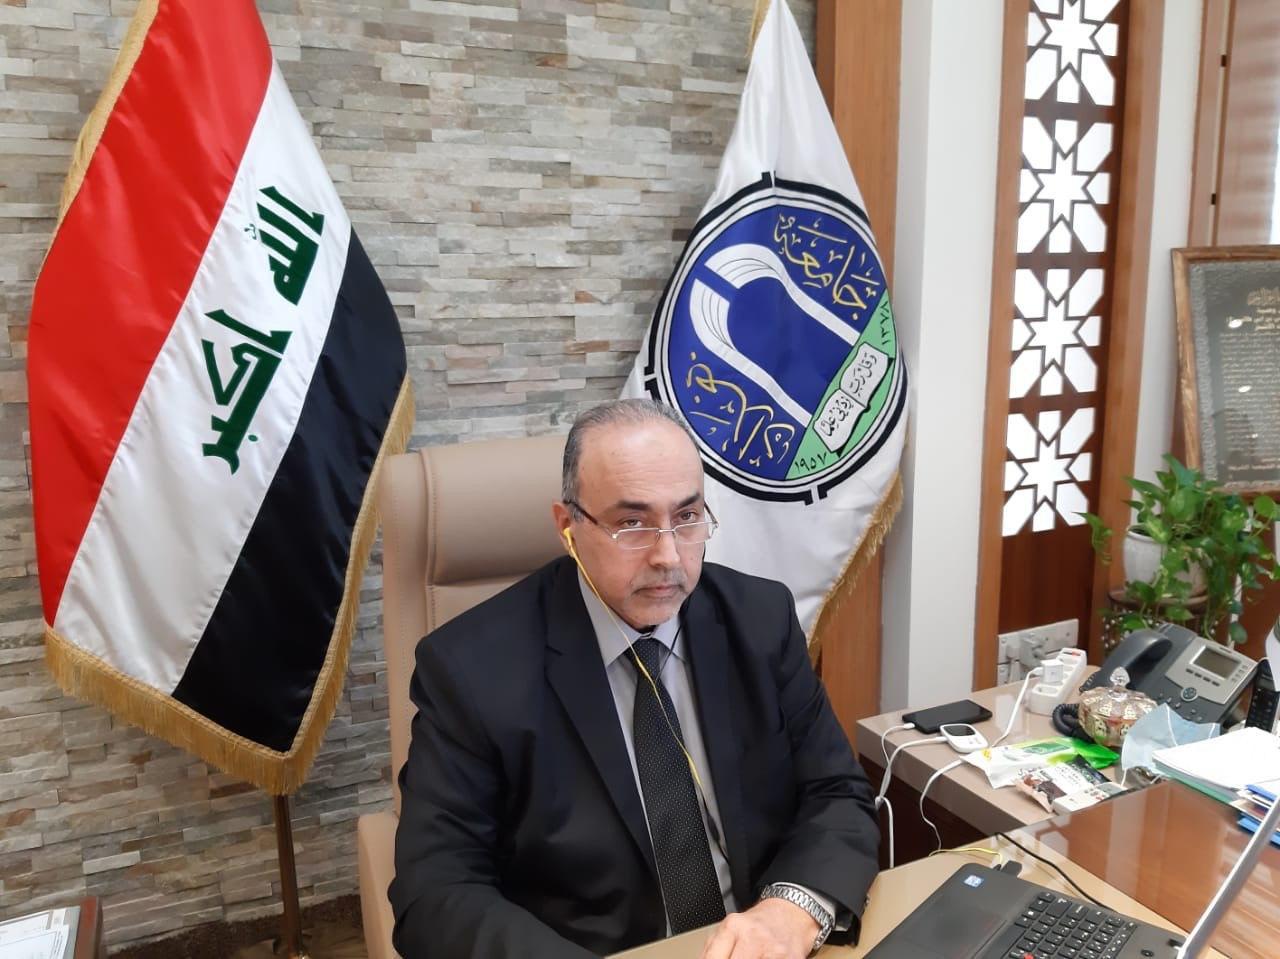 رئيس جامعة بغداد يشارك في مؤتمر تقويمي لجامعة الكرخ للعلوم